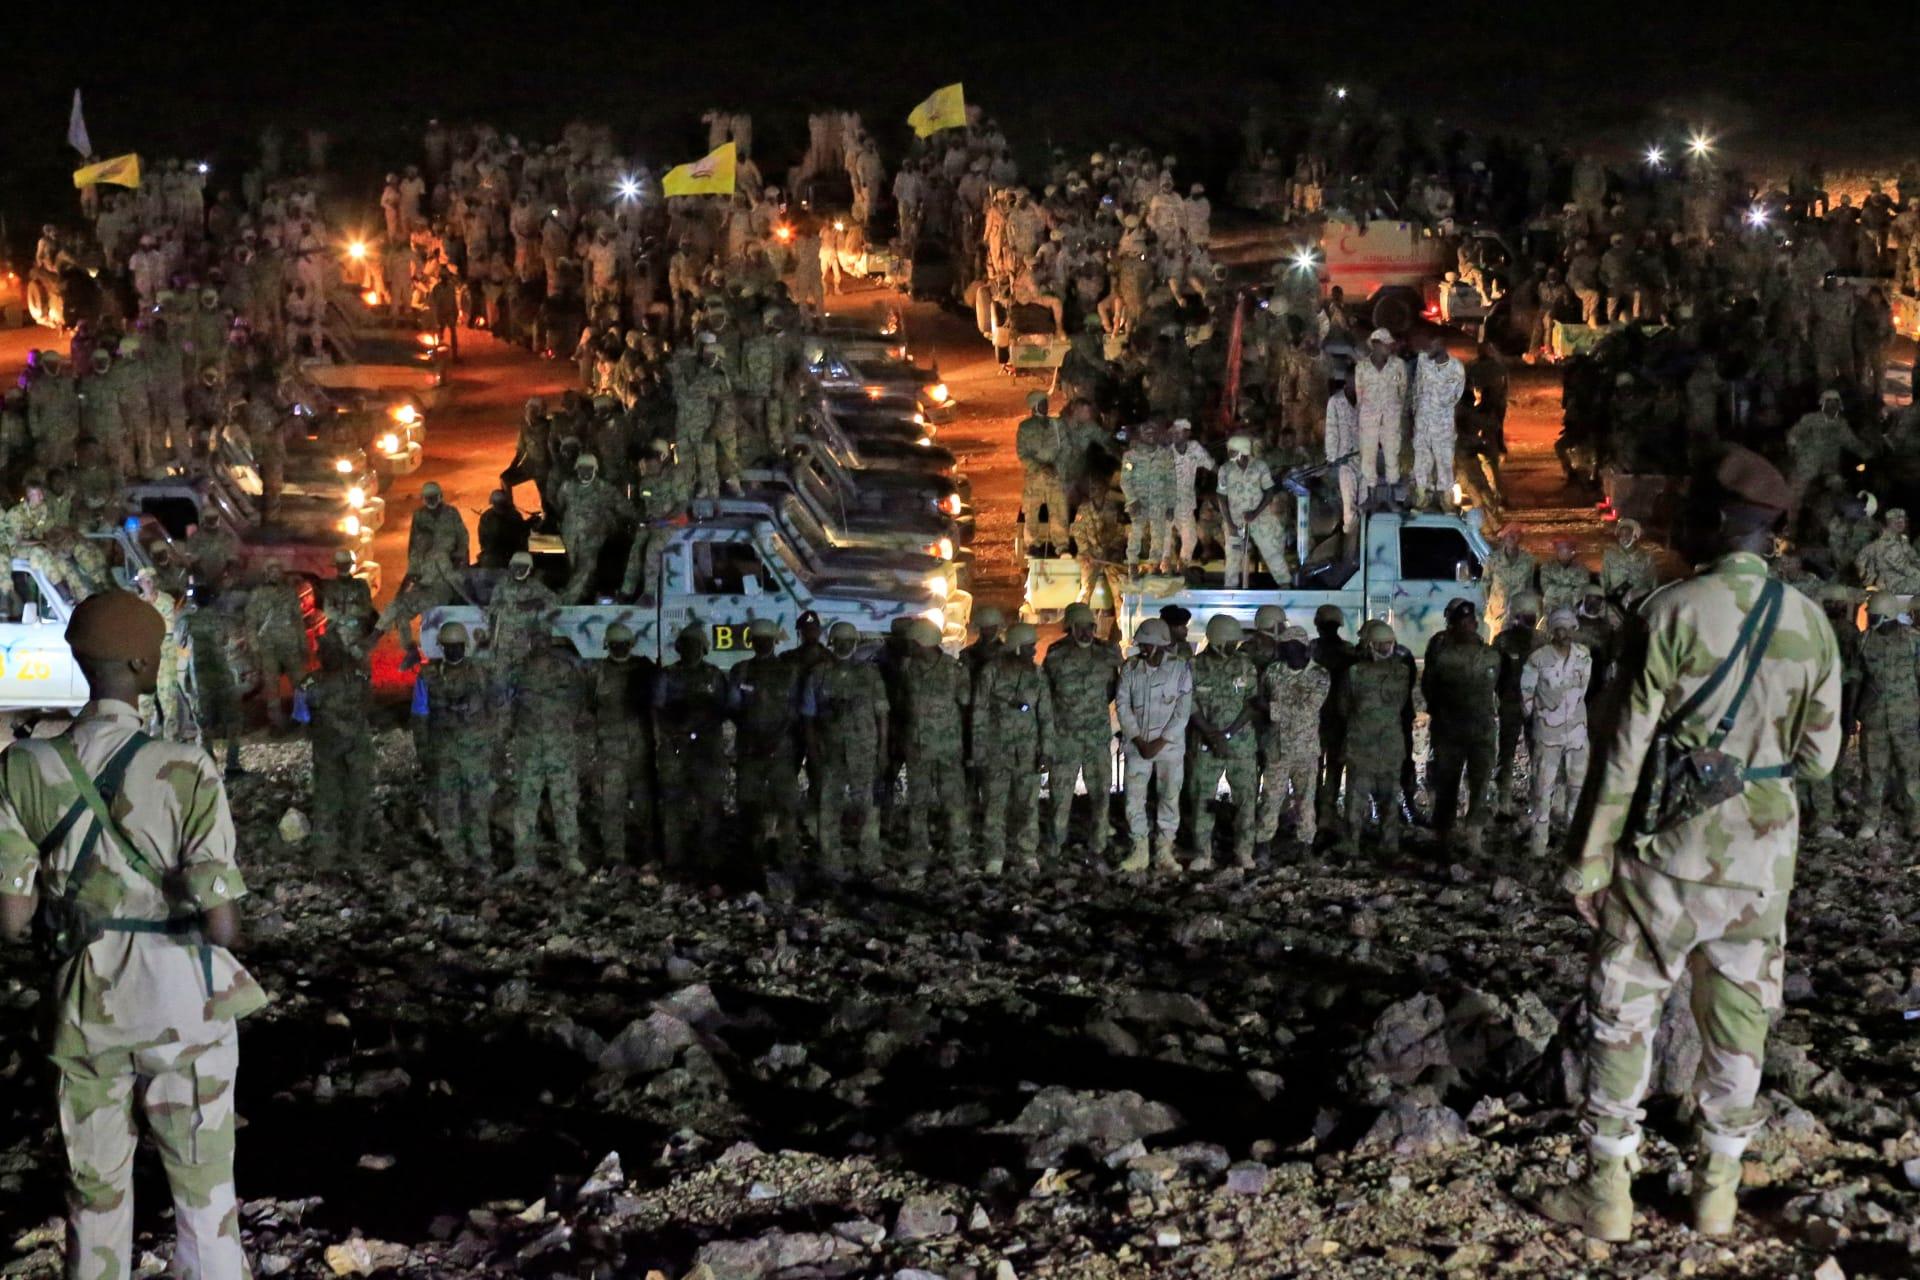 """اشتباكات بين الجيش السوداني والإثيوبي بسبب""""اعتداءات"""" لأديس أبابا على مياه النيل"""